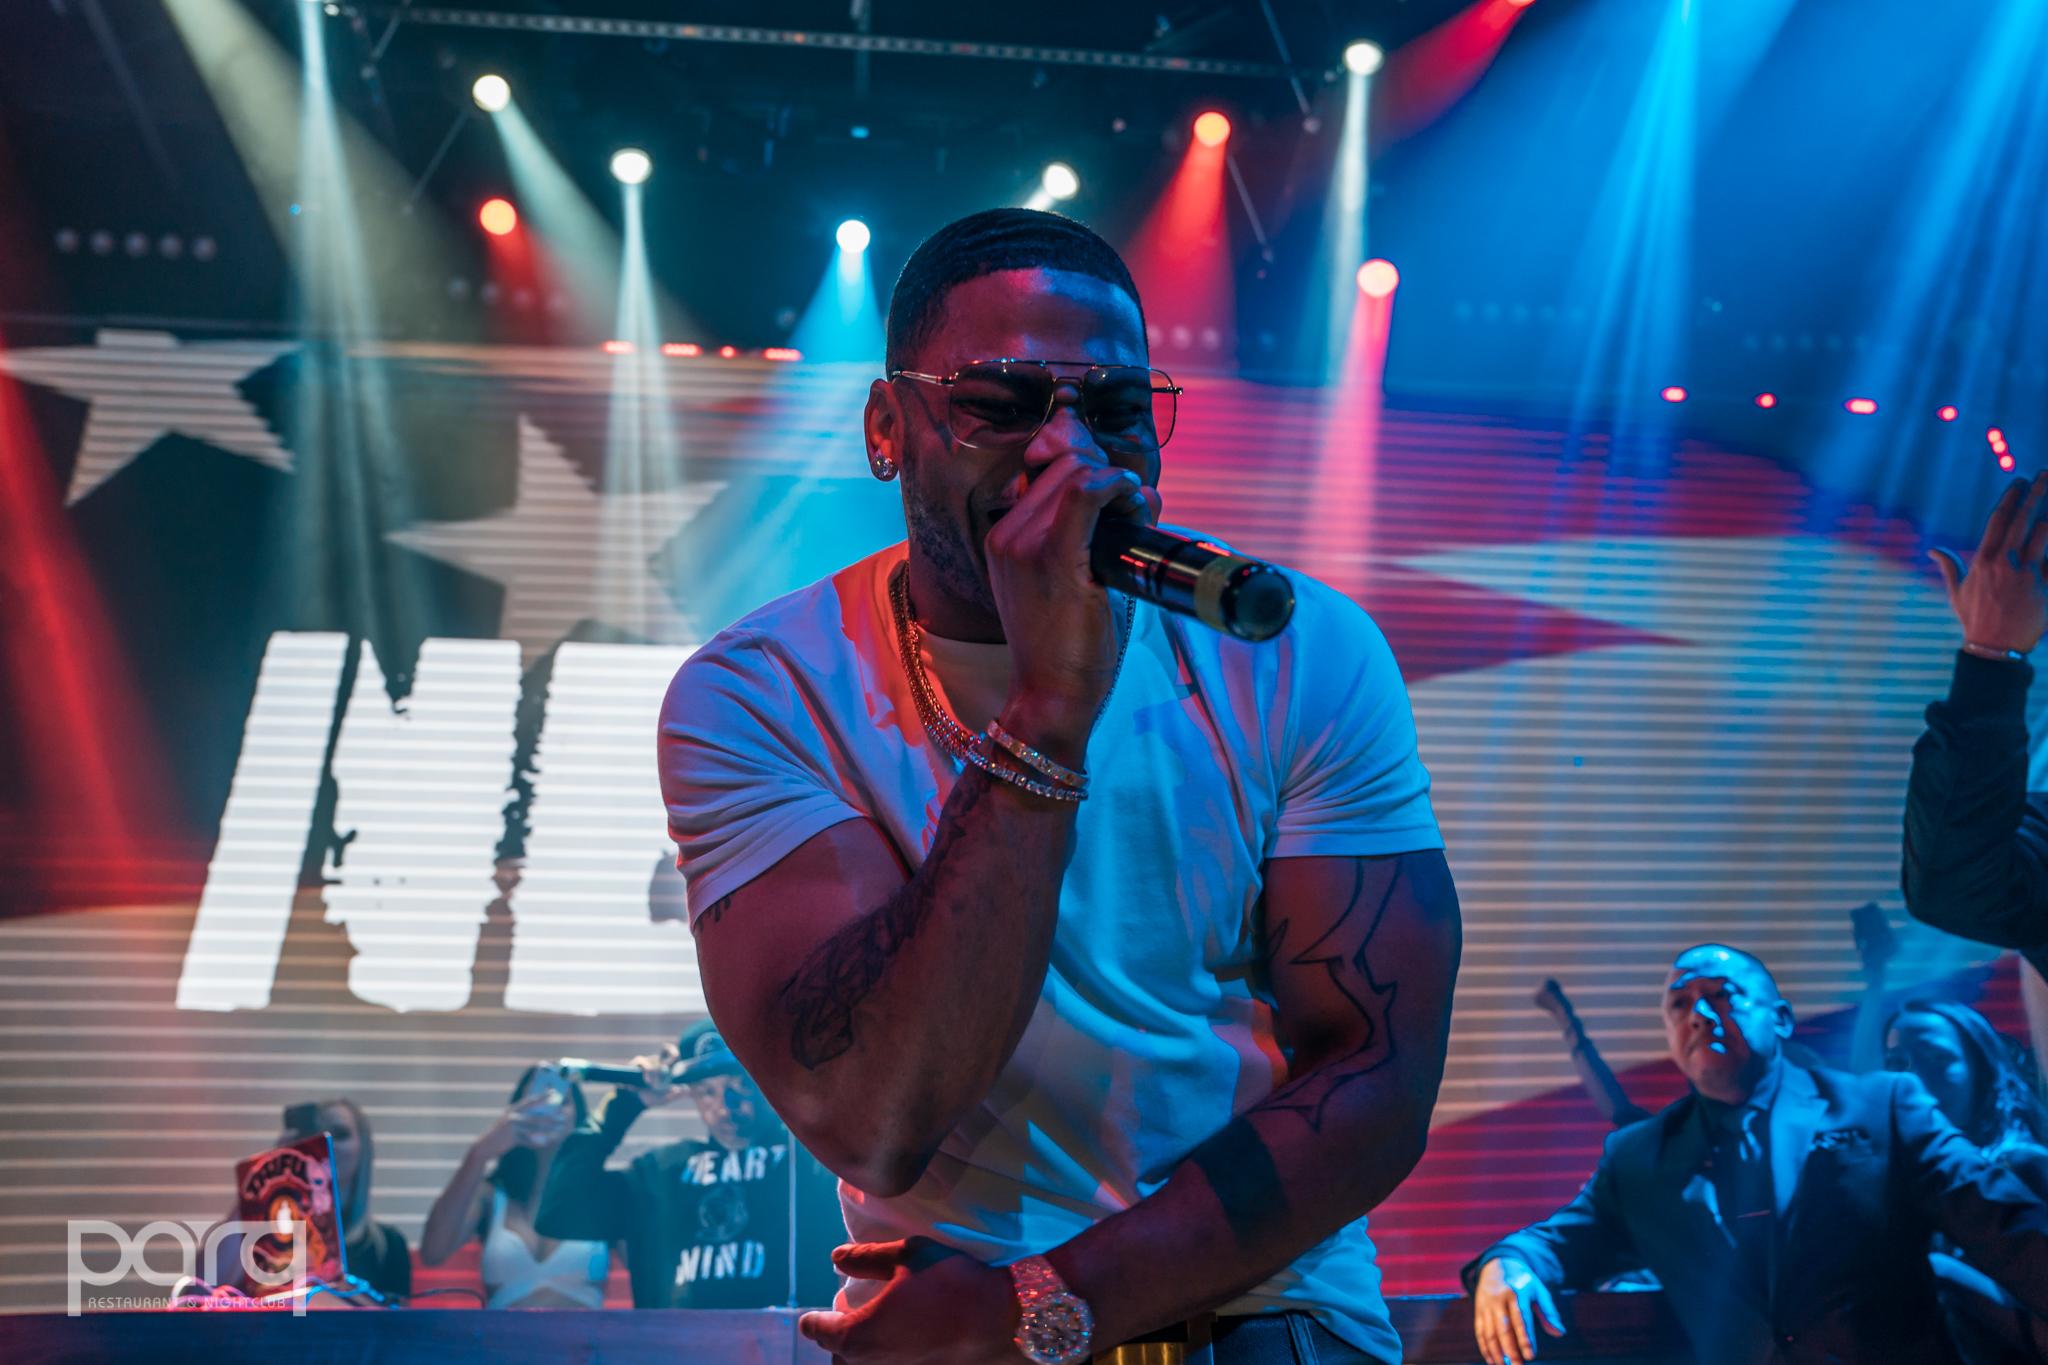 05.25.18 Parq - Nelly-12.jpg